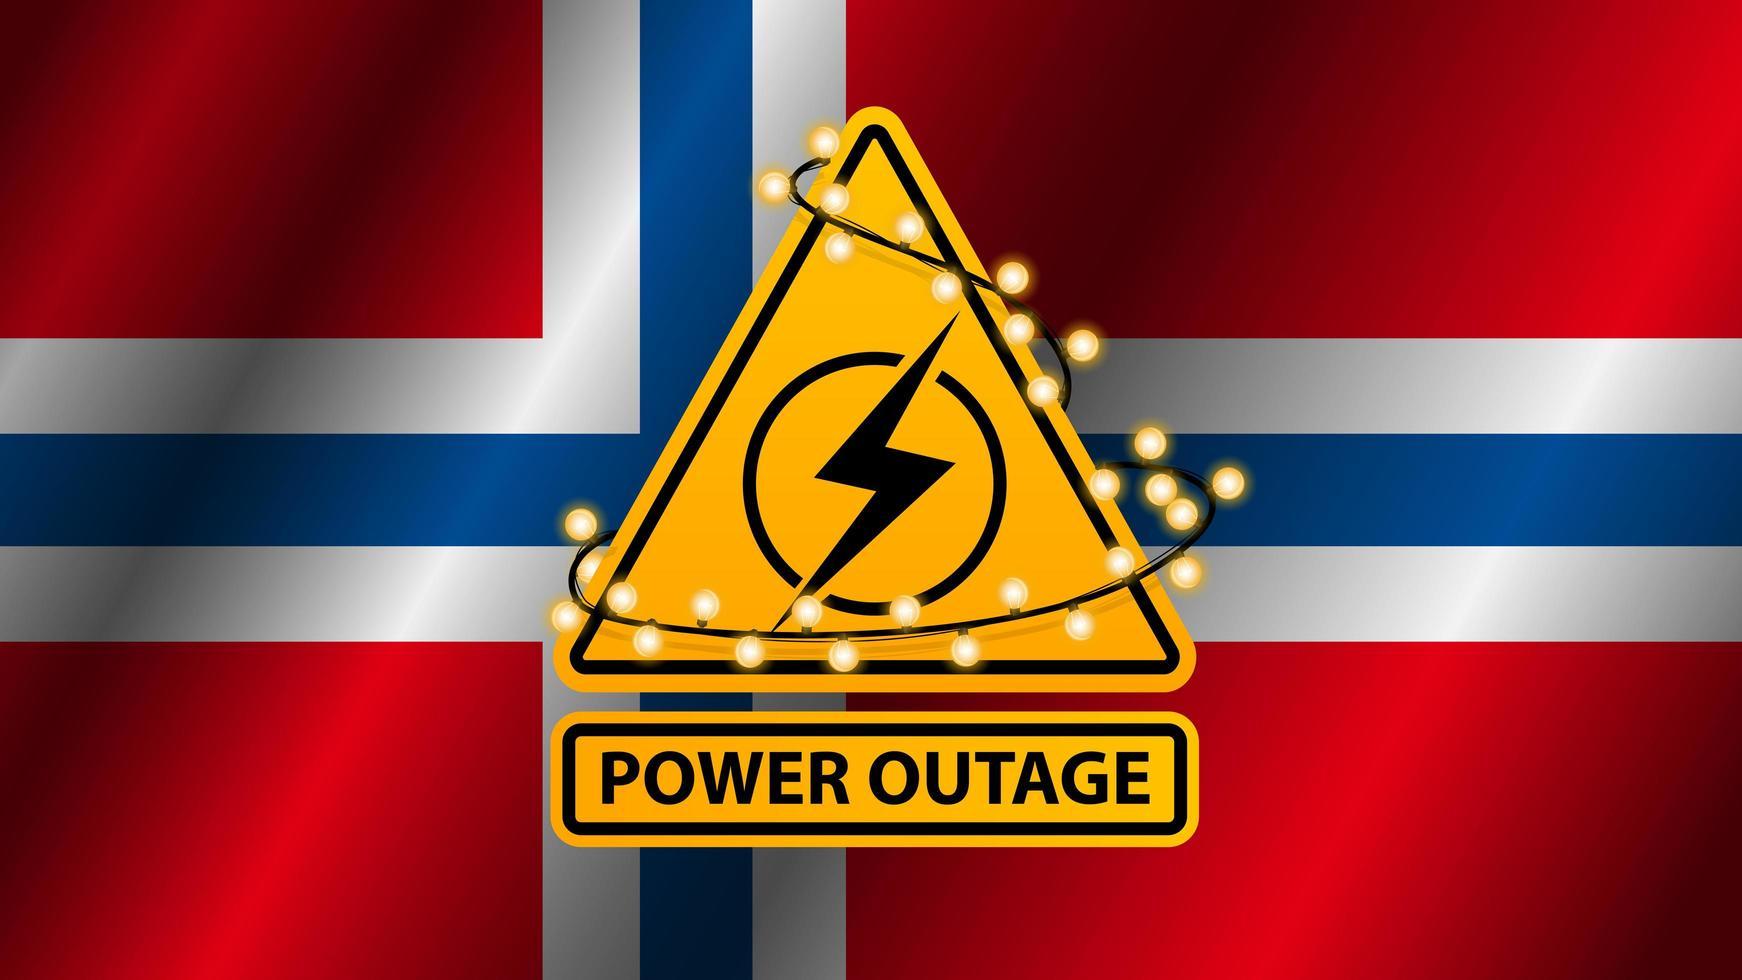 interruzione di corrente, segnale di avvertimento giallo avvolto con ghirlanda sullo sfondo della bandiera della norvegia vettore